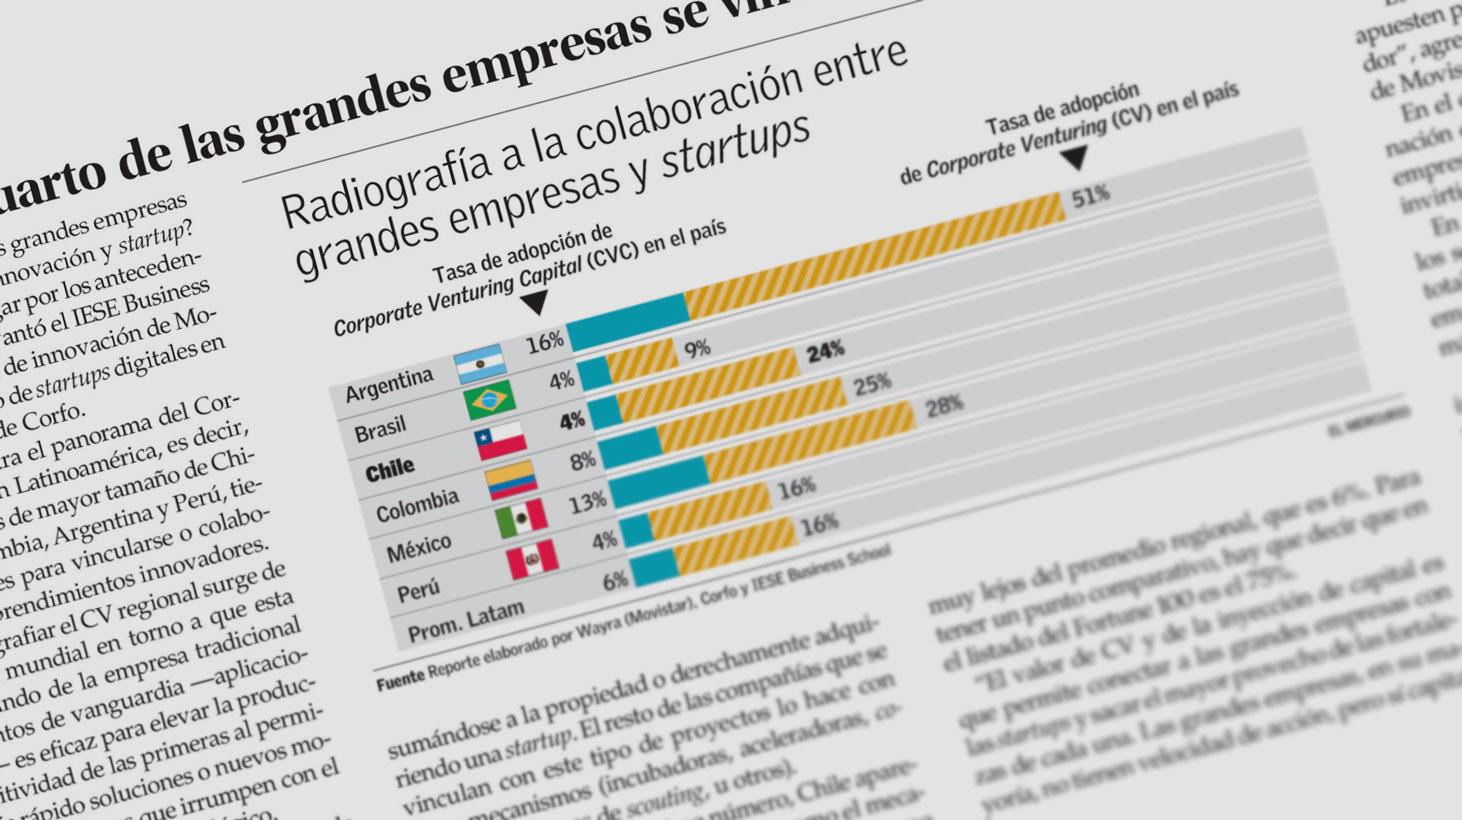 En Chile, un cuarto de las grandes empresas se vincula con startups y solo un 4% invierte en ellas.